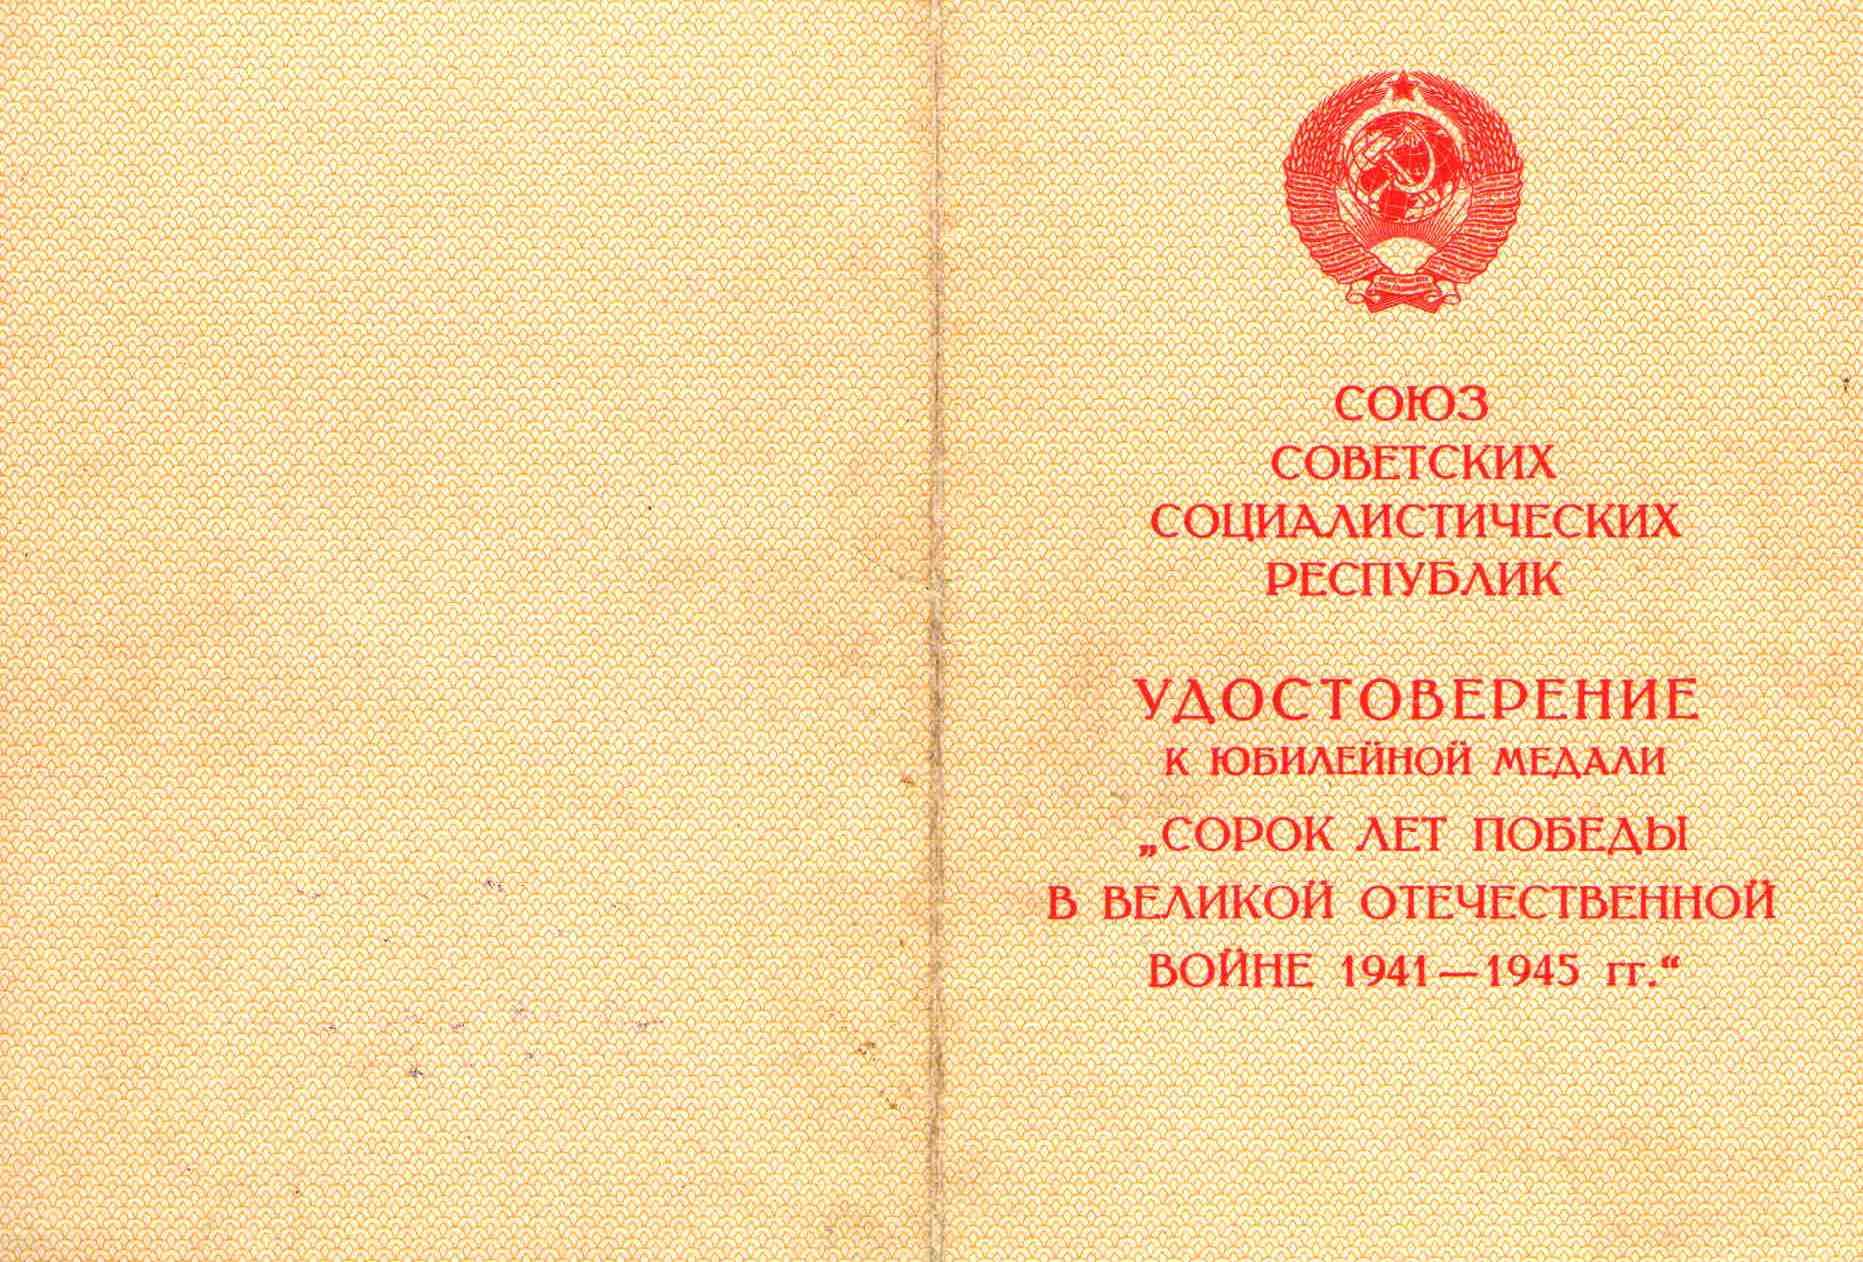 115. Удостоверение к медали 40 лет Победы, Барыкин ПП, 1985